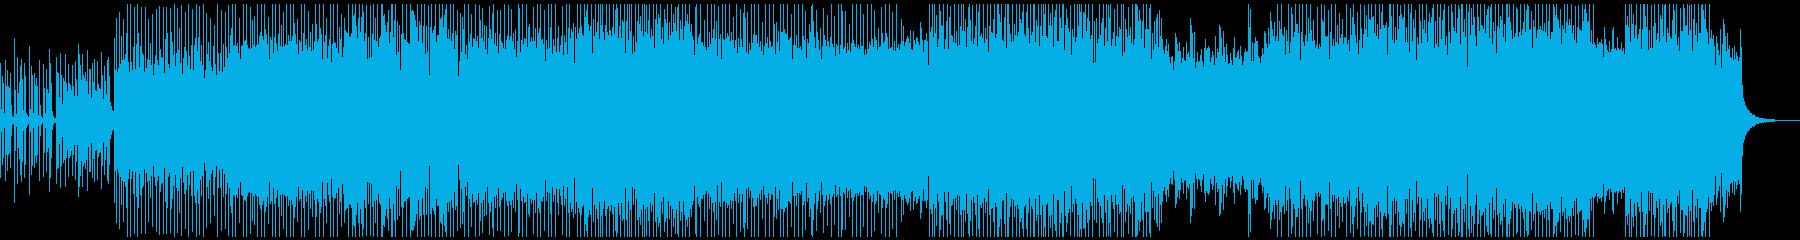 ポップで楽しげなEDMの再生済みの波形